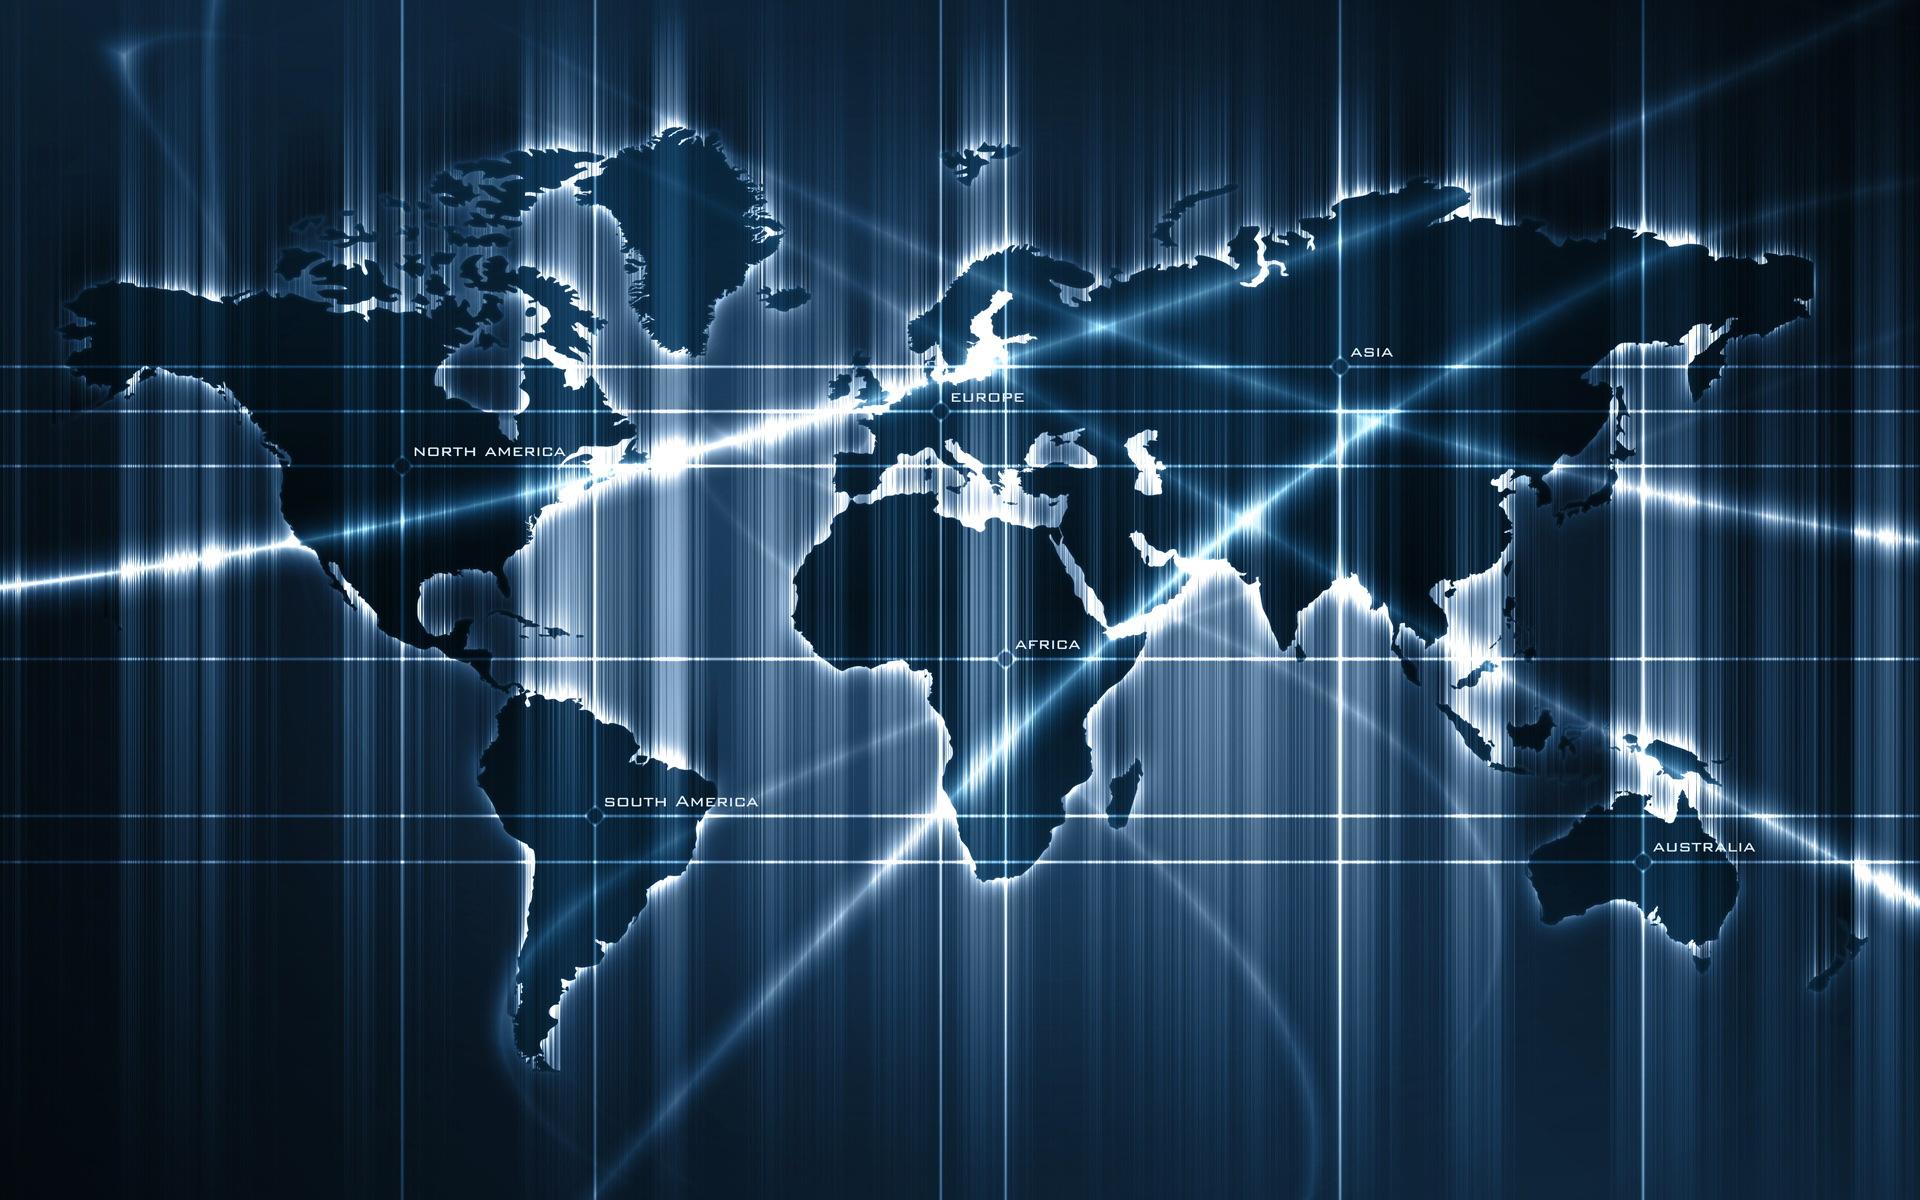 世界地图电脑桌面